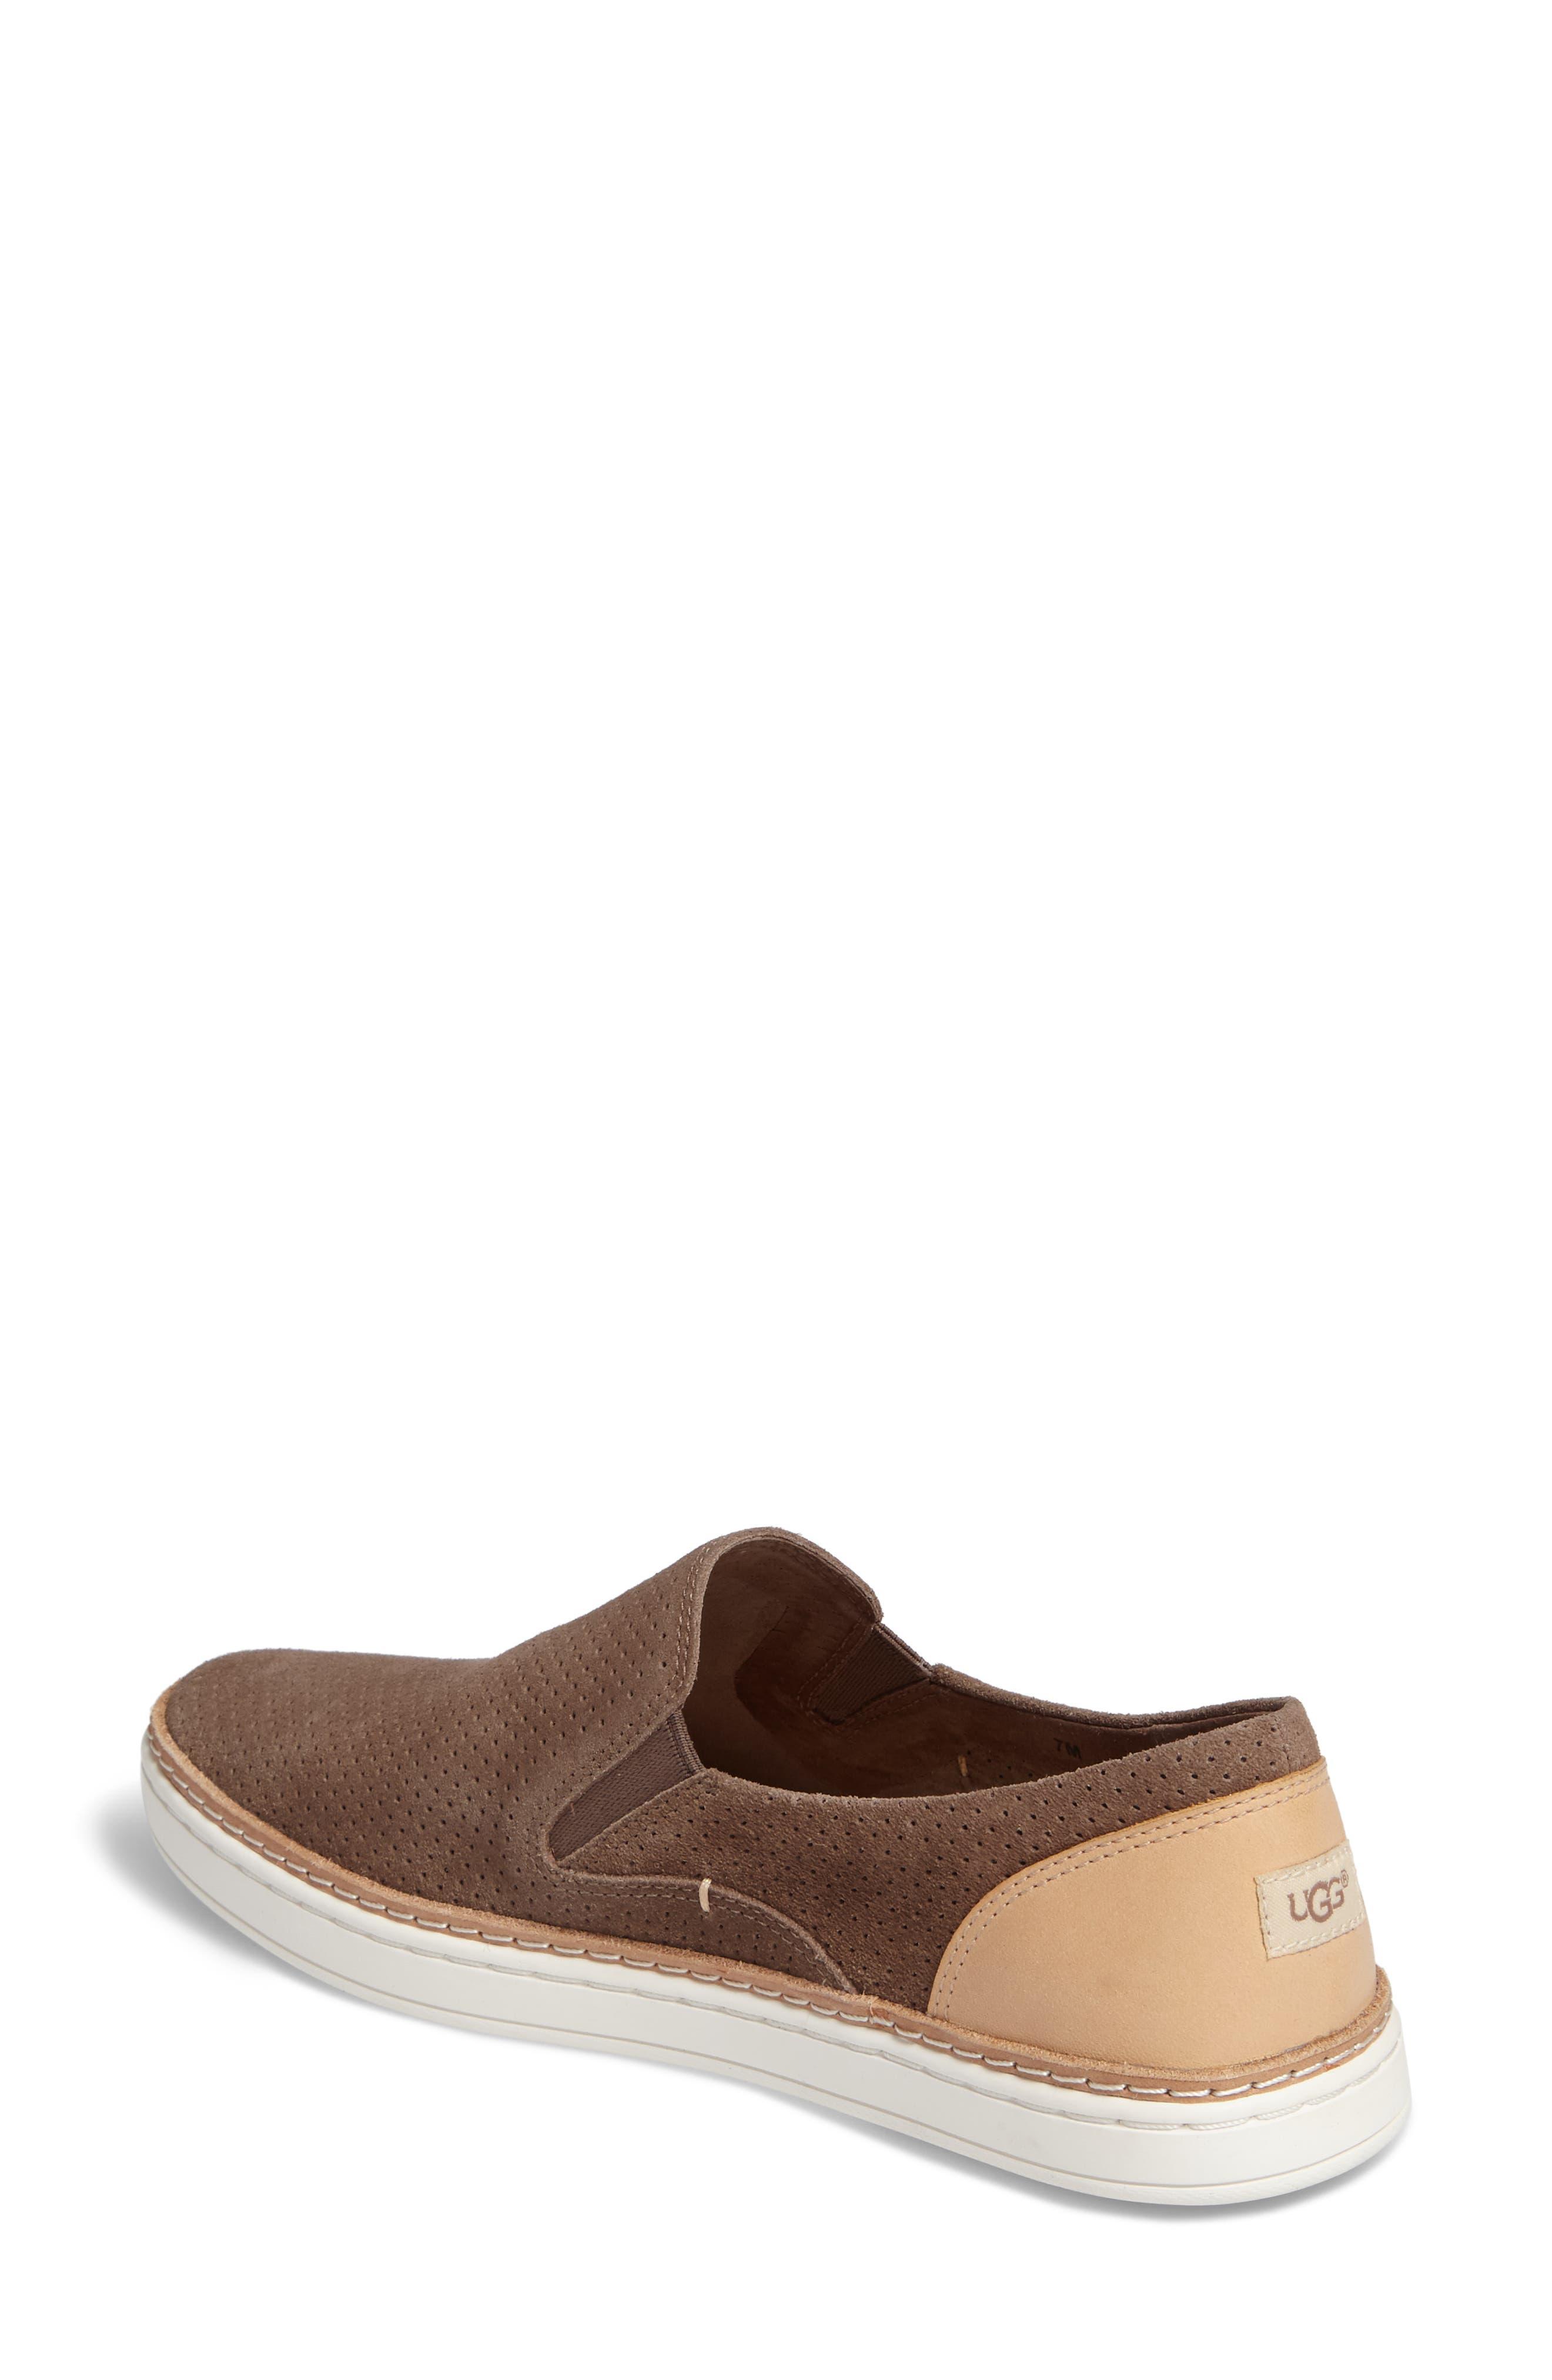 Adley Slip-On Sneaker,                             Alternate thumbnail 17, color,